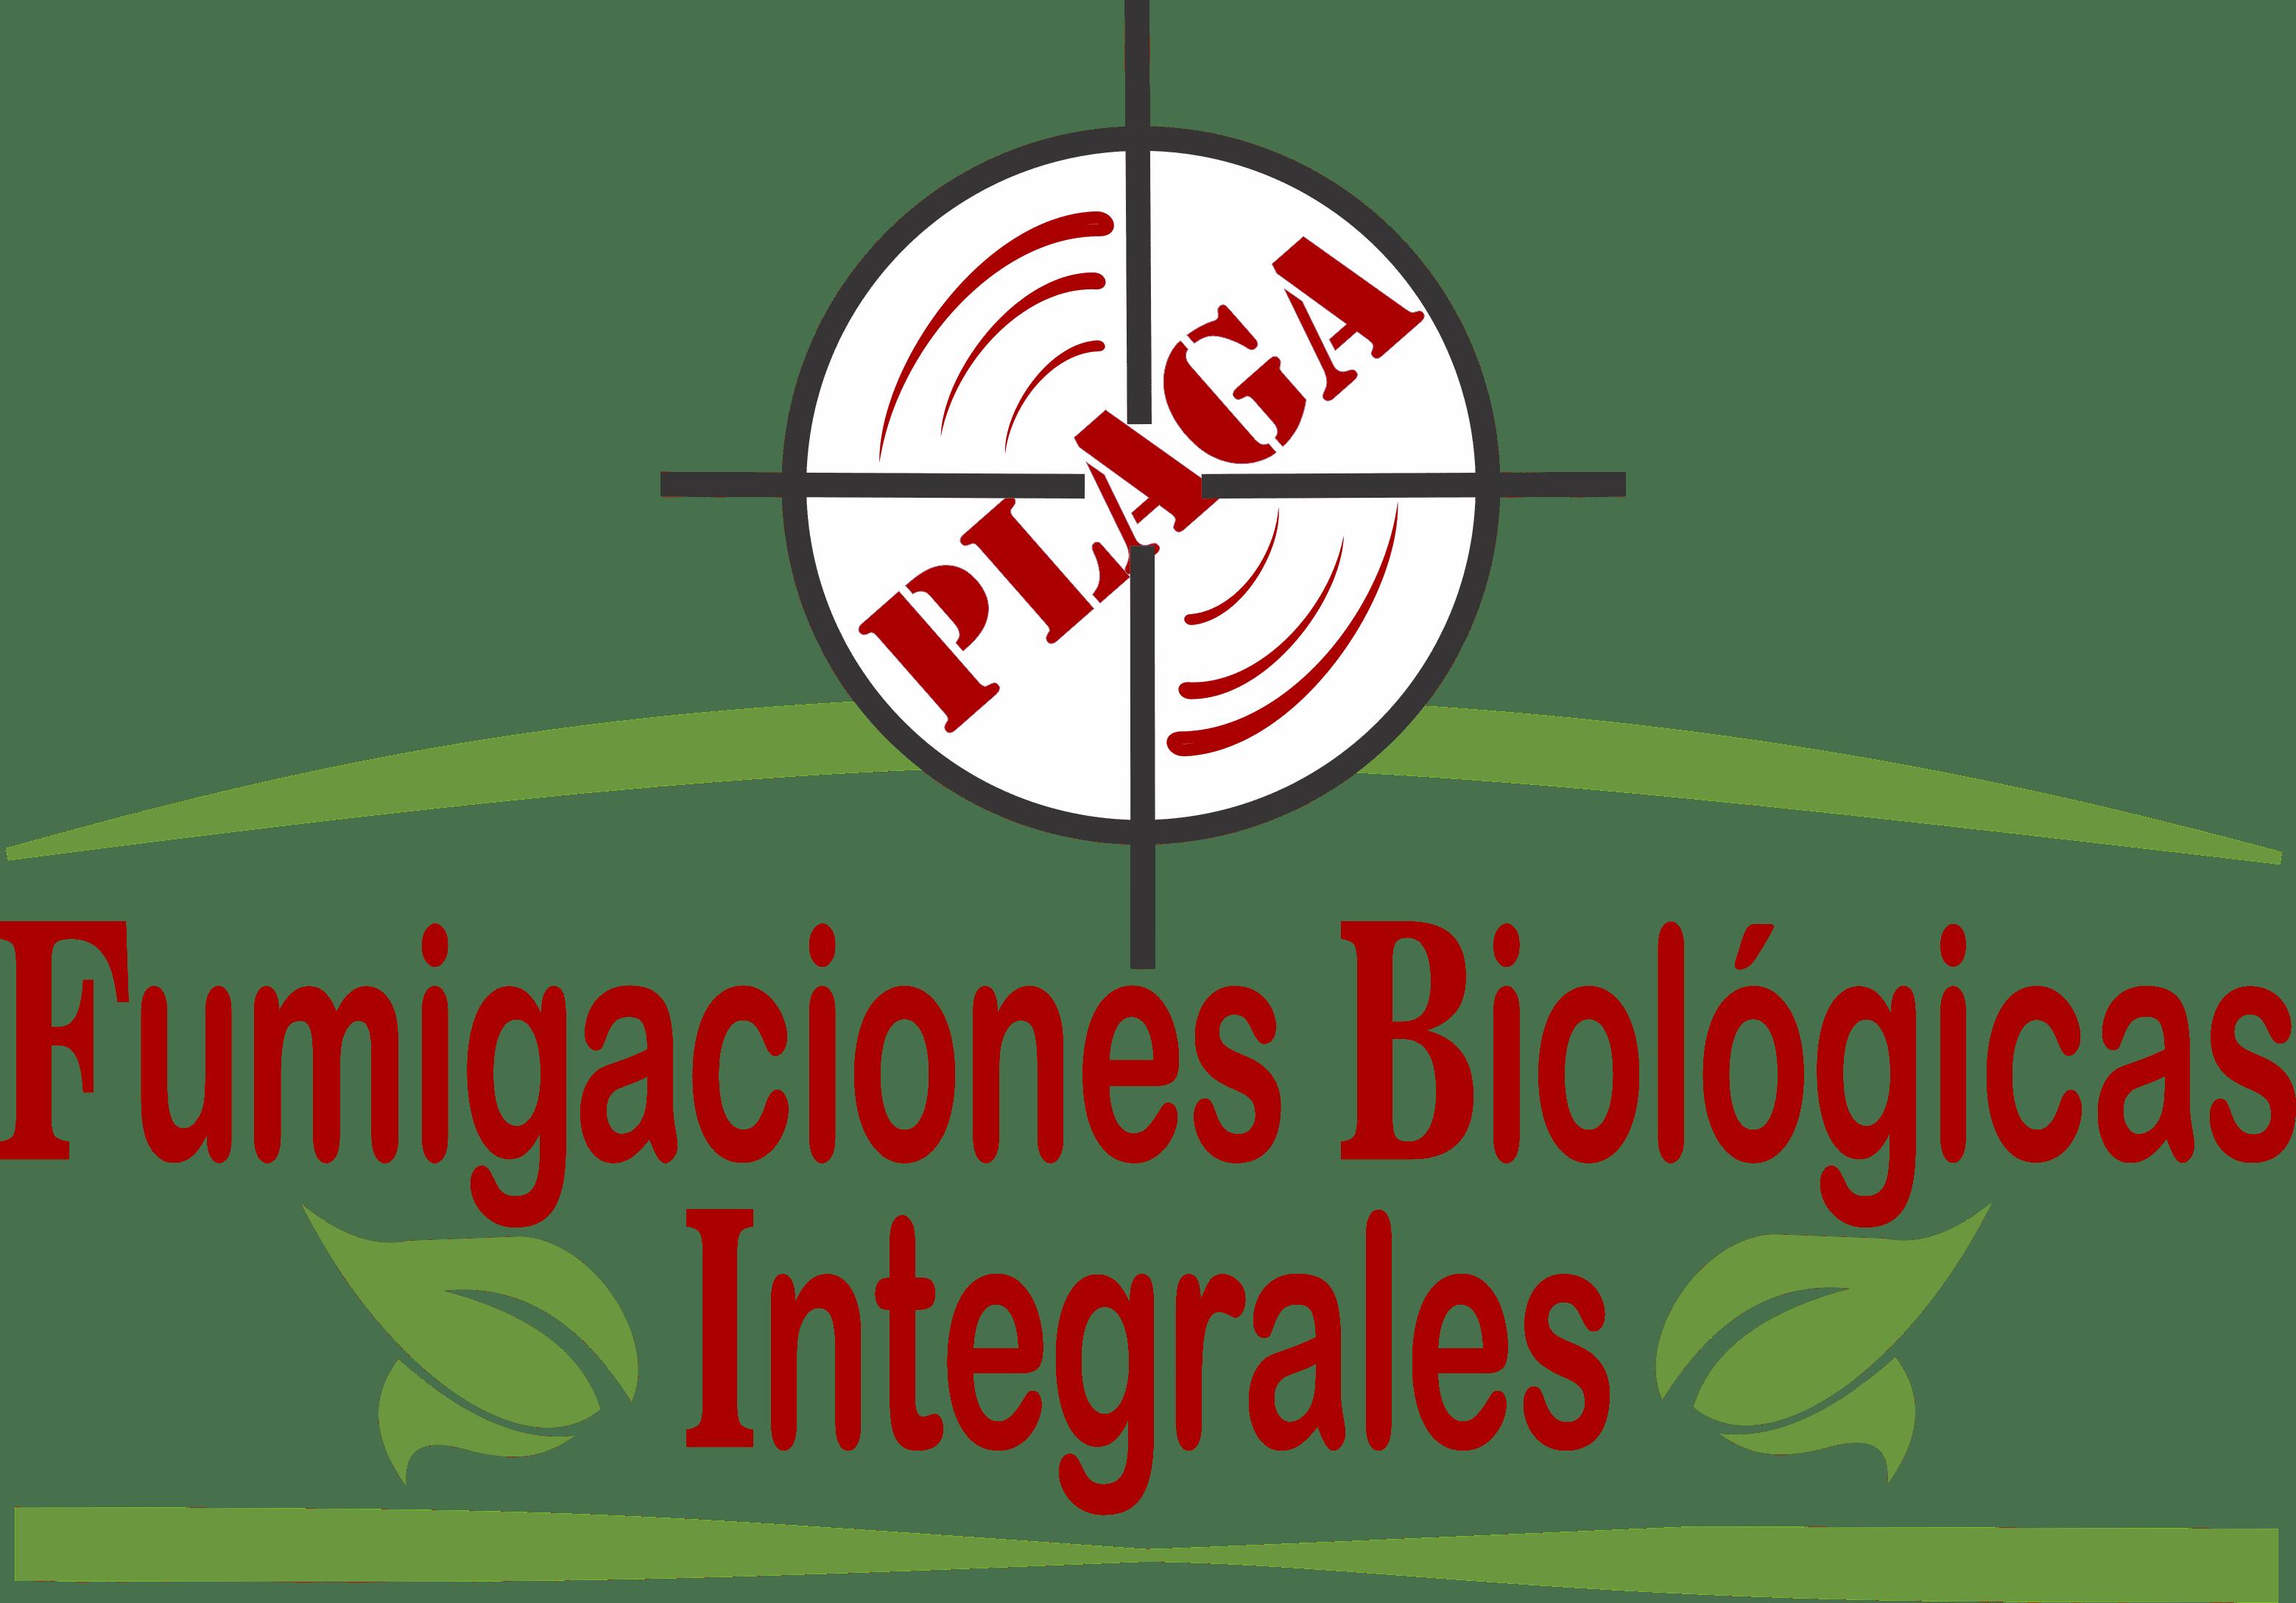 Fumigaciones Biológicas Integrales